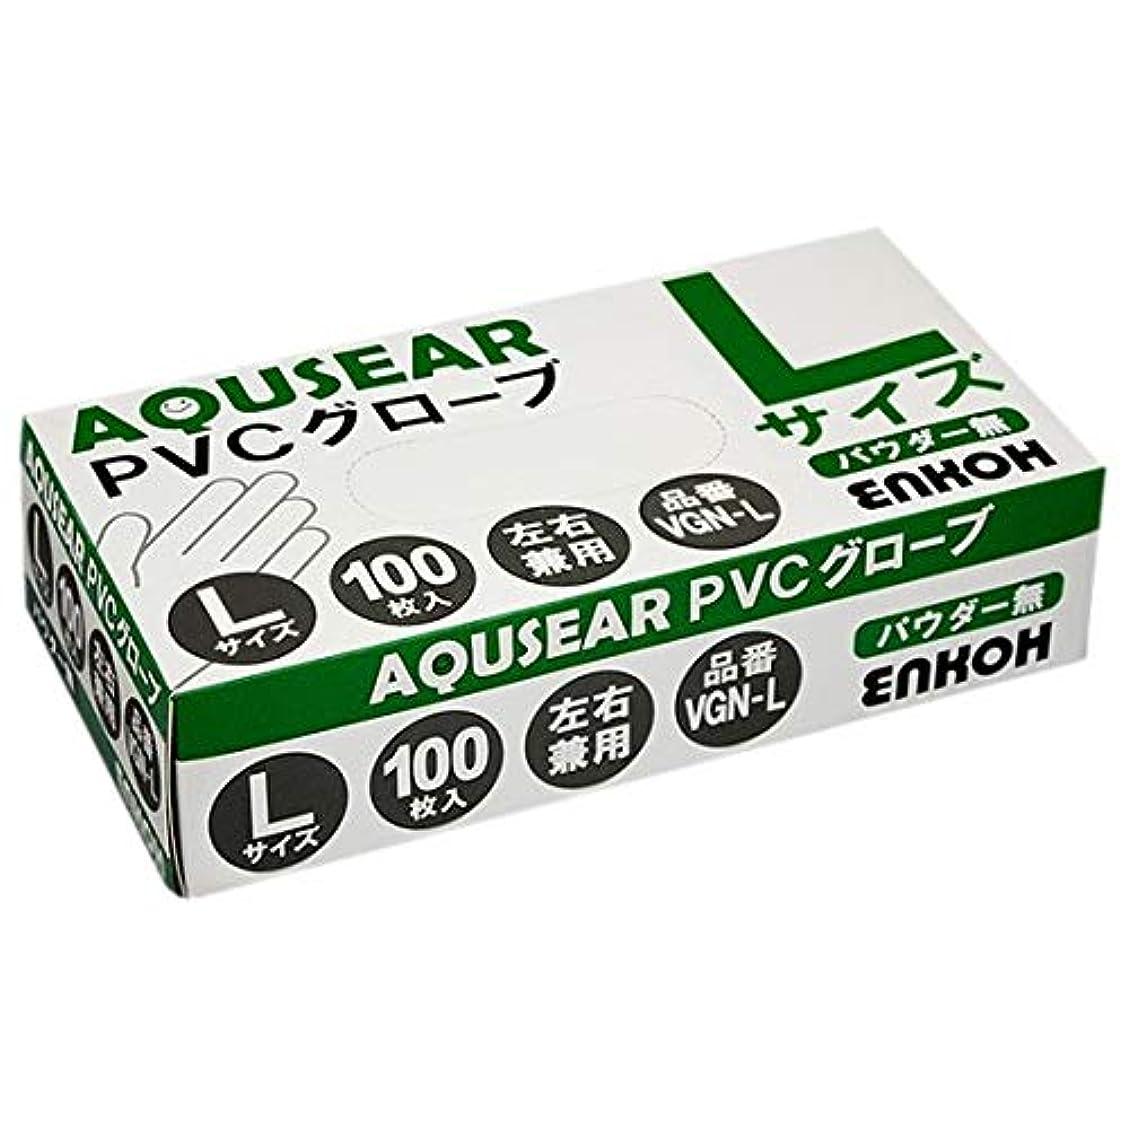 トーン真夜中まとめるAQUSEAR PVC プラスチックグローブ Lサイズ パウダー無 VGN-L 100枚×20箱